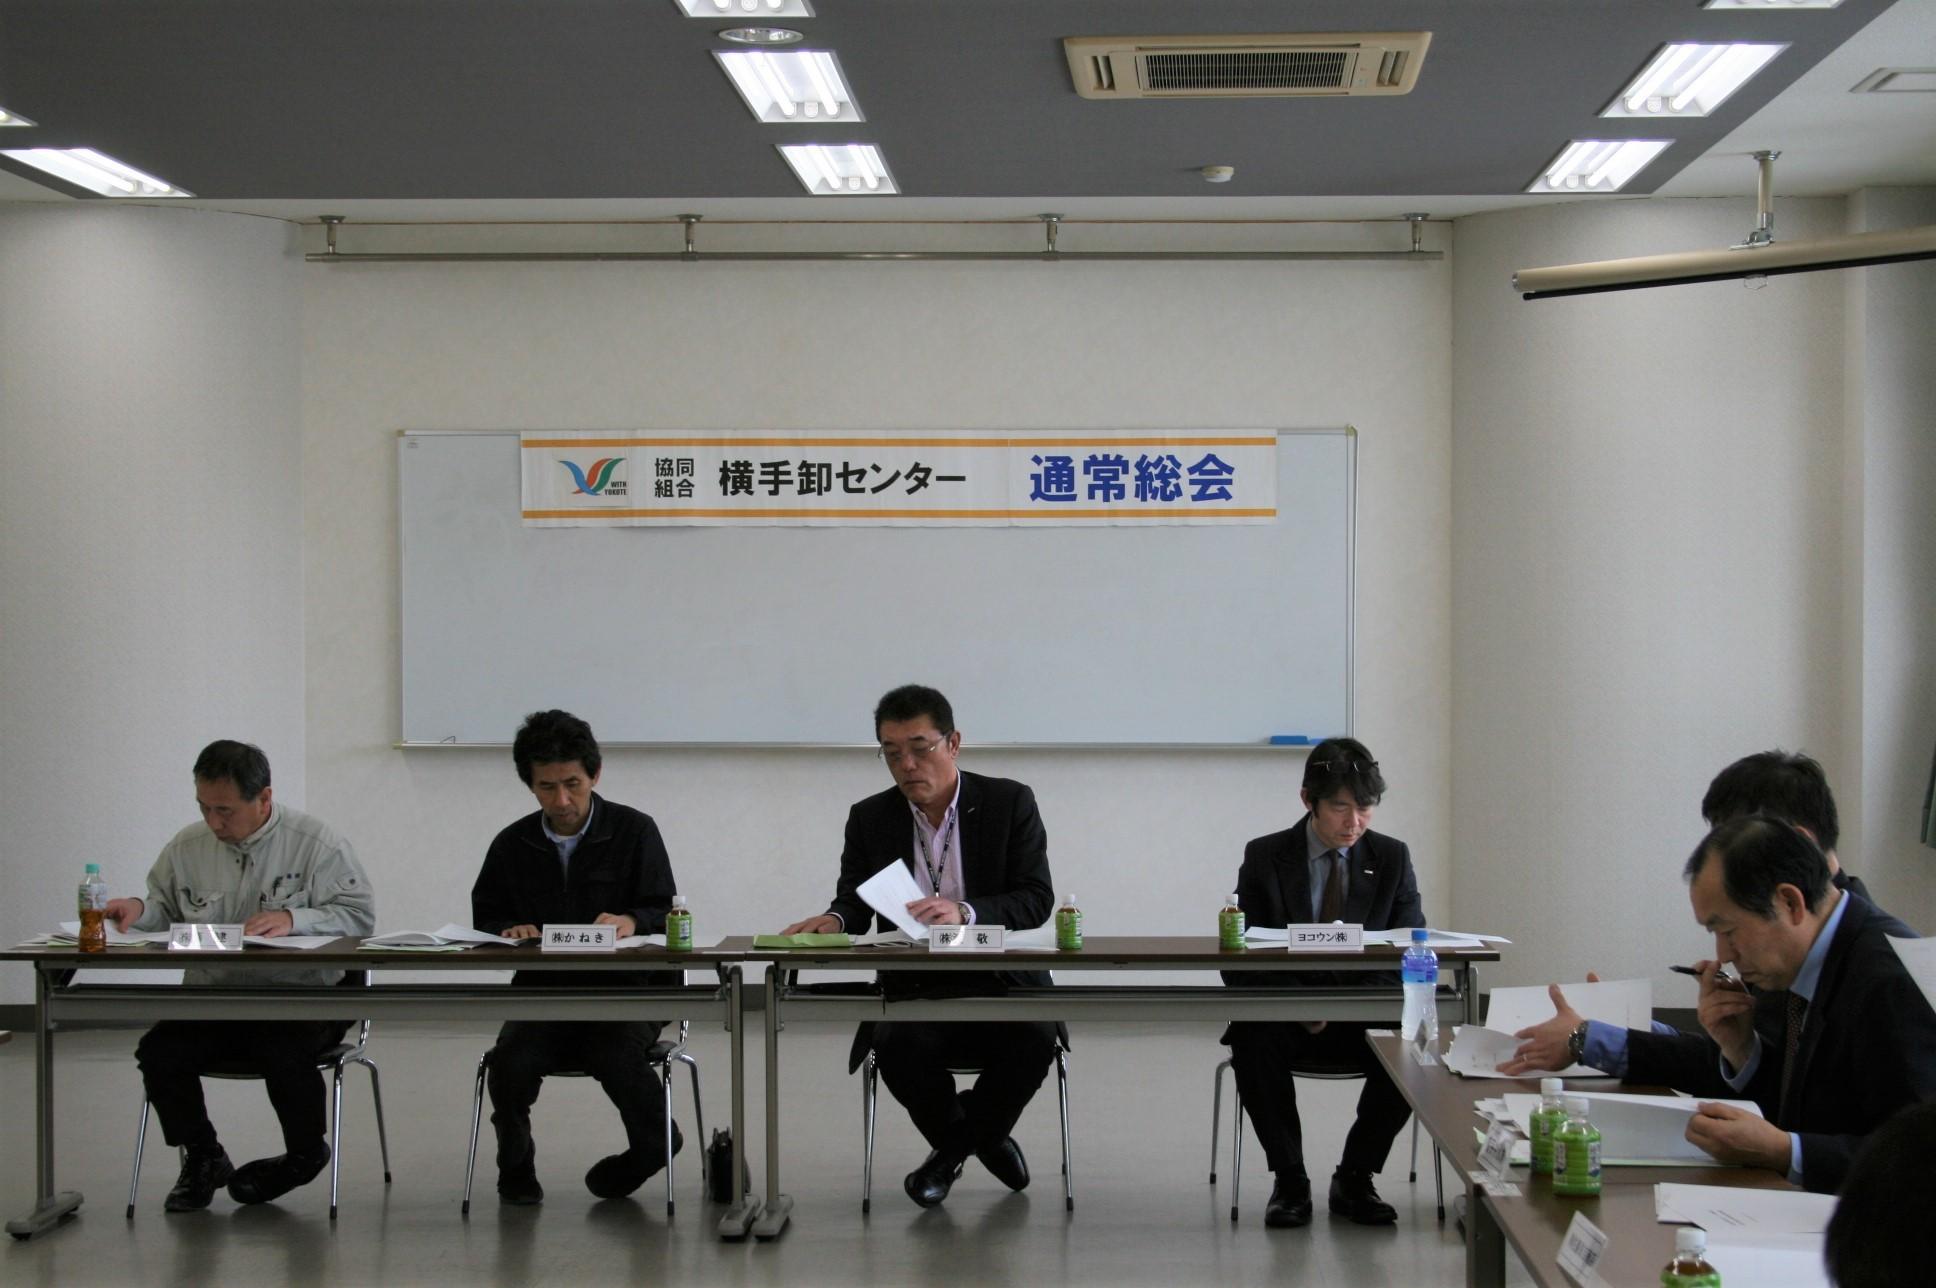 第47回通常総会が行われました。_f0141477_09270331.jpg